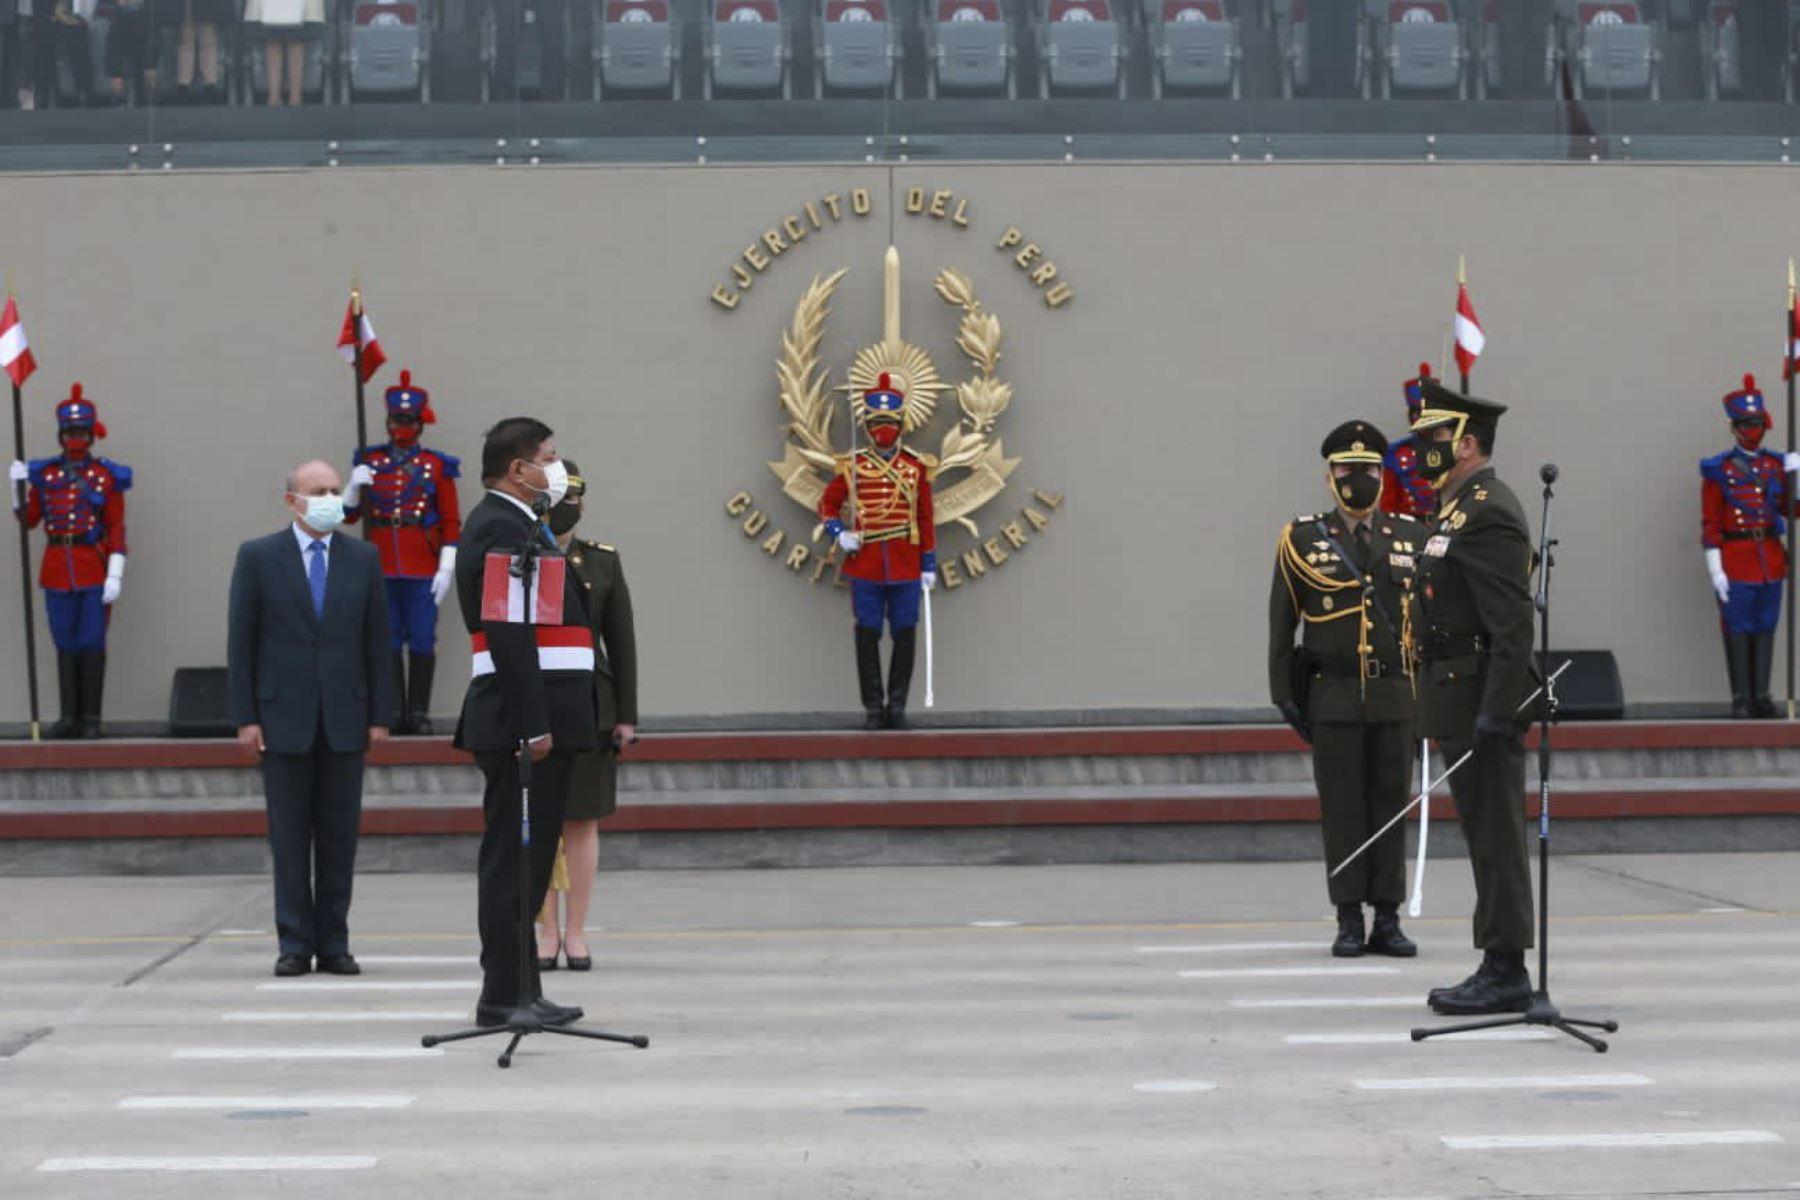 El general Manuel Gómez de la Torre Araníbar es reconocido como el nuevo Jefe del Comando Conjunto de las Fuerzas Armadas. Lidera la ceremonia el ministro de Defensa, Walter Ayala, en el Cuartel General del Ejército. Foto: ANDINA/Mindef